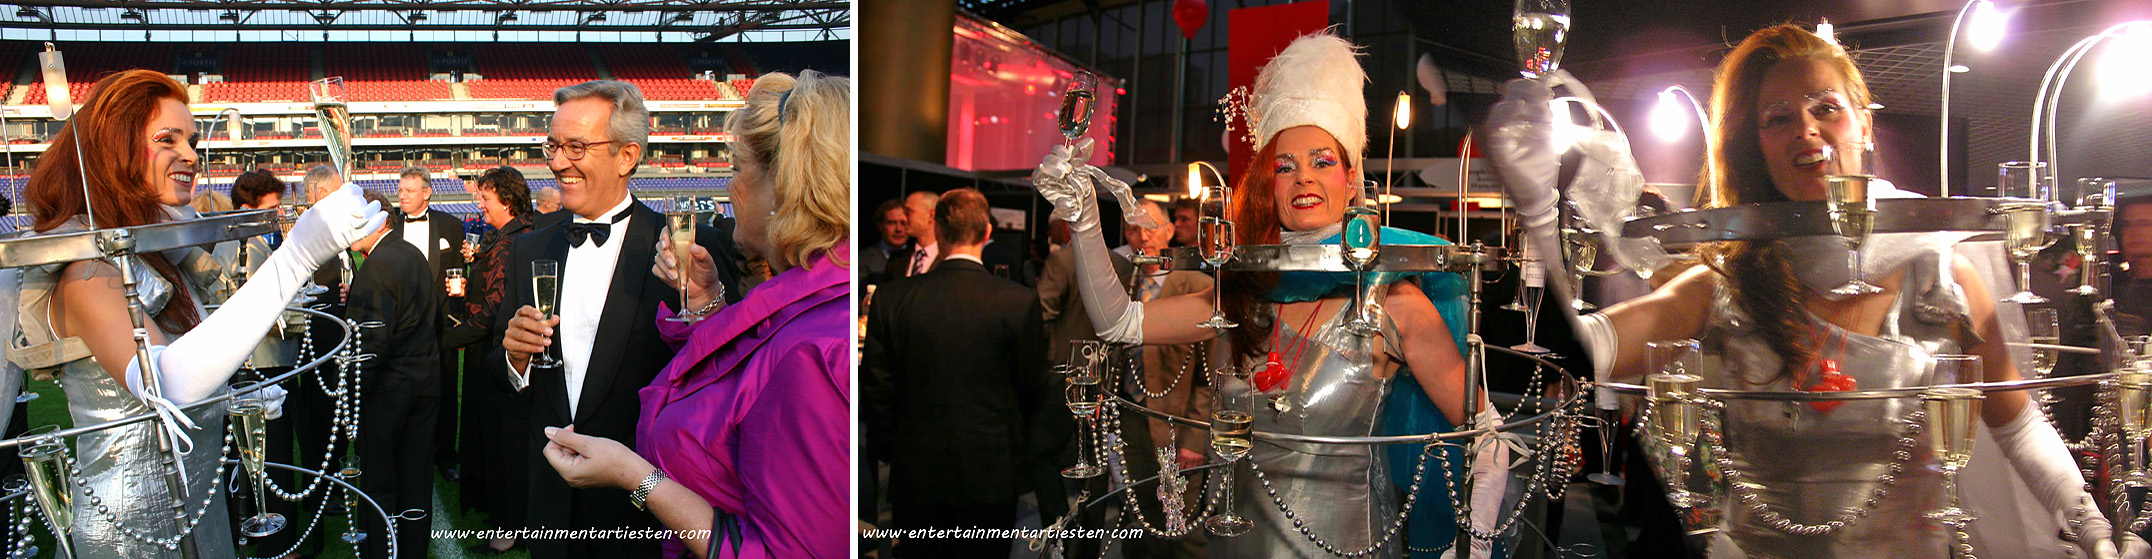 De Champagnejurk is fraai Culinair Entertainment , Vanuit haar stalen jurk serveert zij de glazen met drank . Cateringact, horeca acts, beurs & promotie acts, ontvangst act, culinair entertainment, champagne act, thema feest, evenement organiseren, artiesten boeken, artiestenbureau, Govers Evenementen, www.goversartiesten.nl